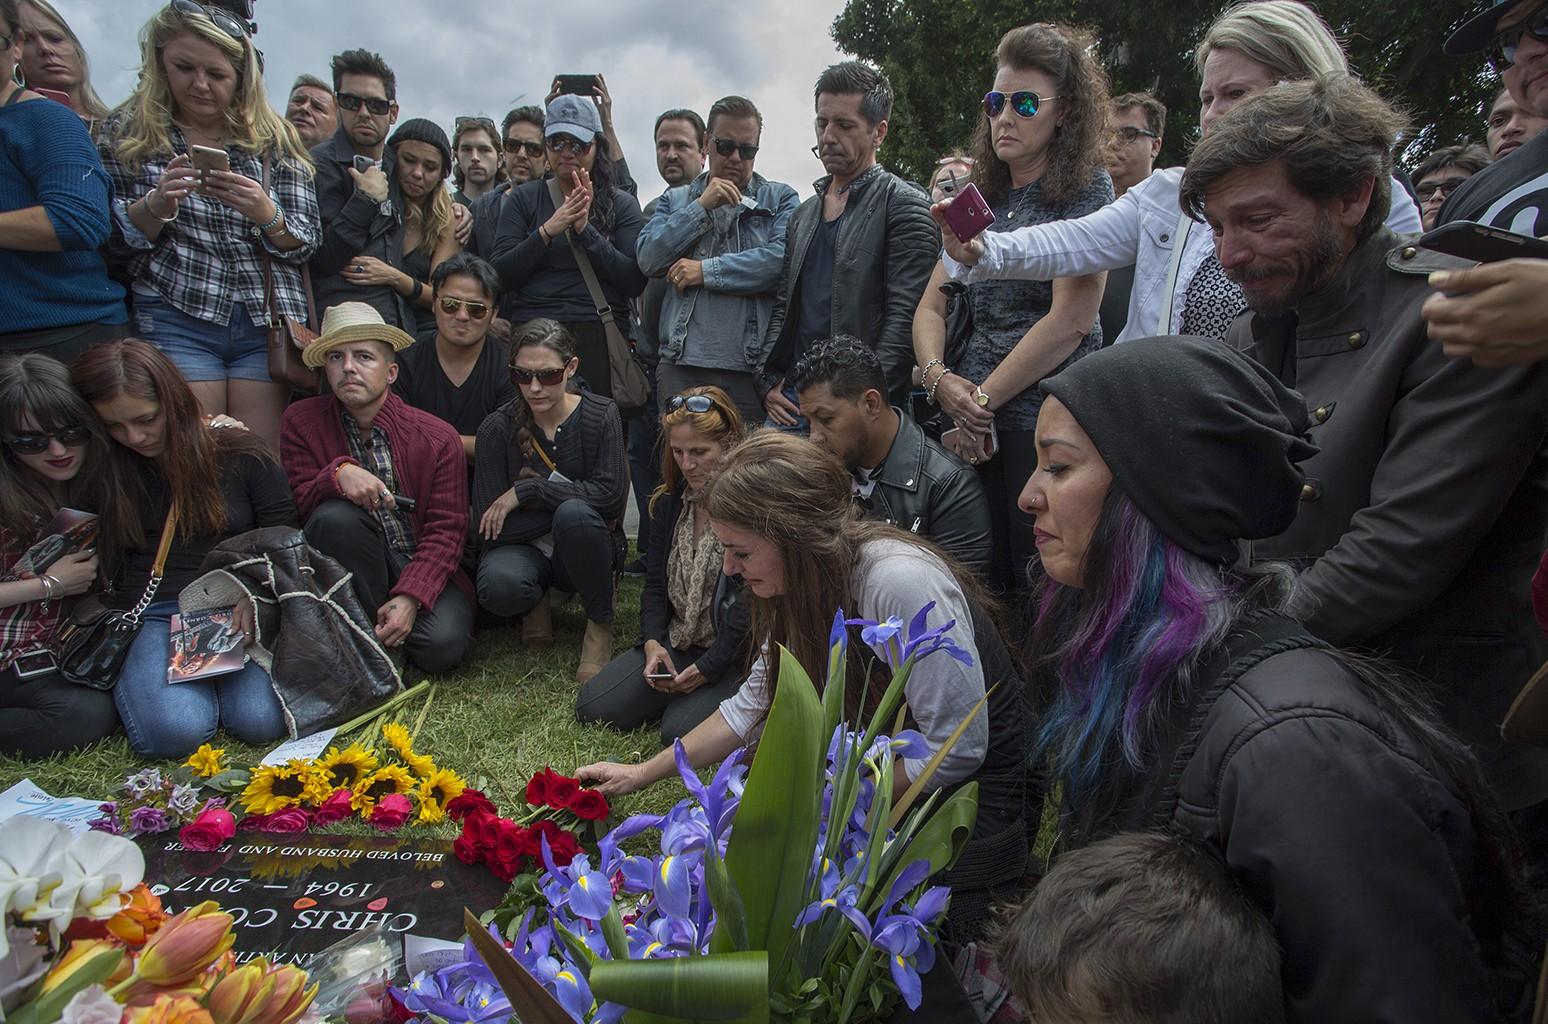 Chris Cornell public memorial